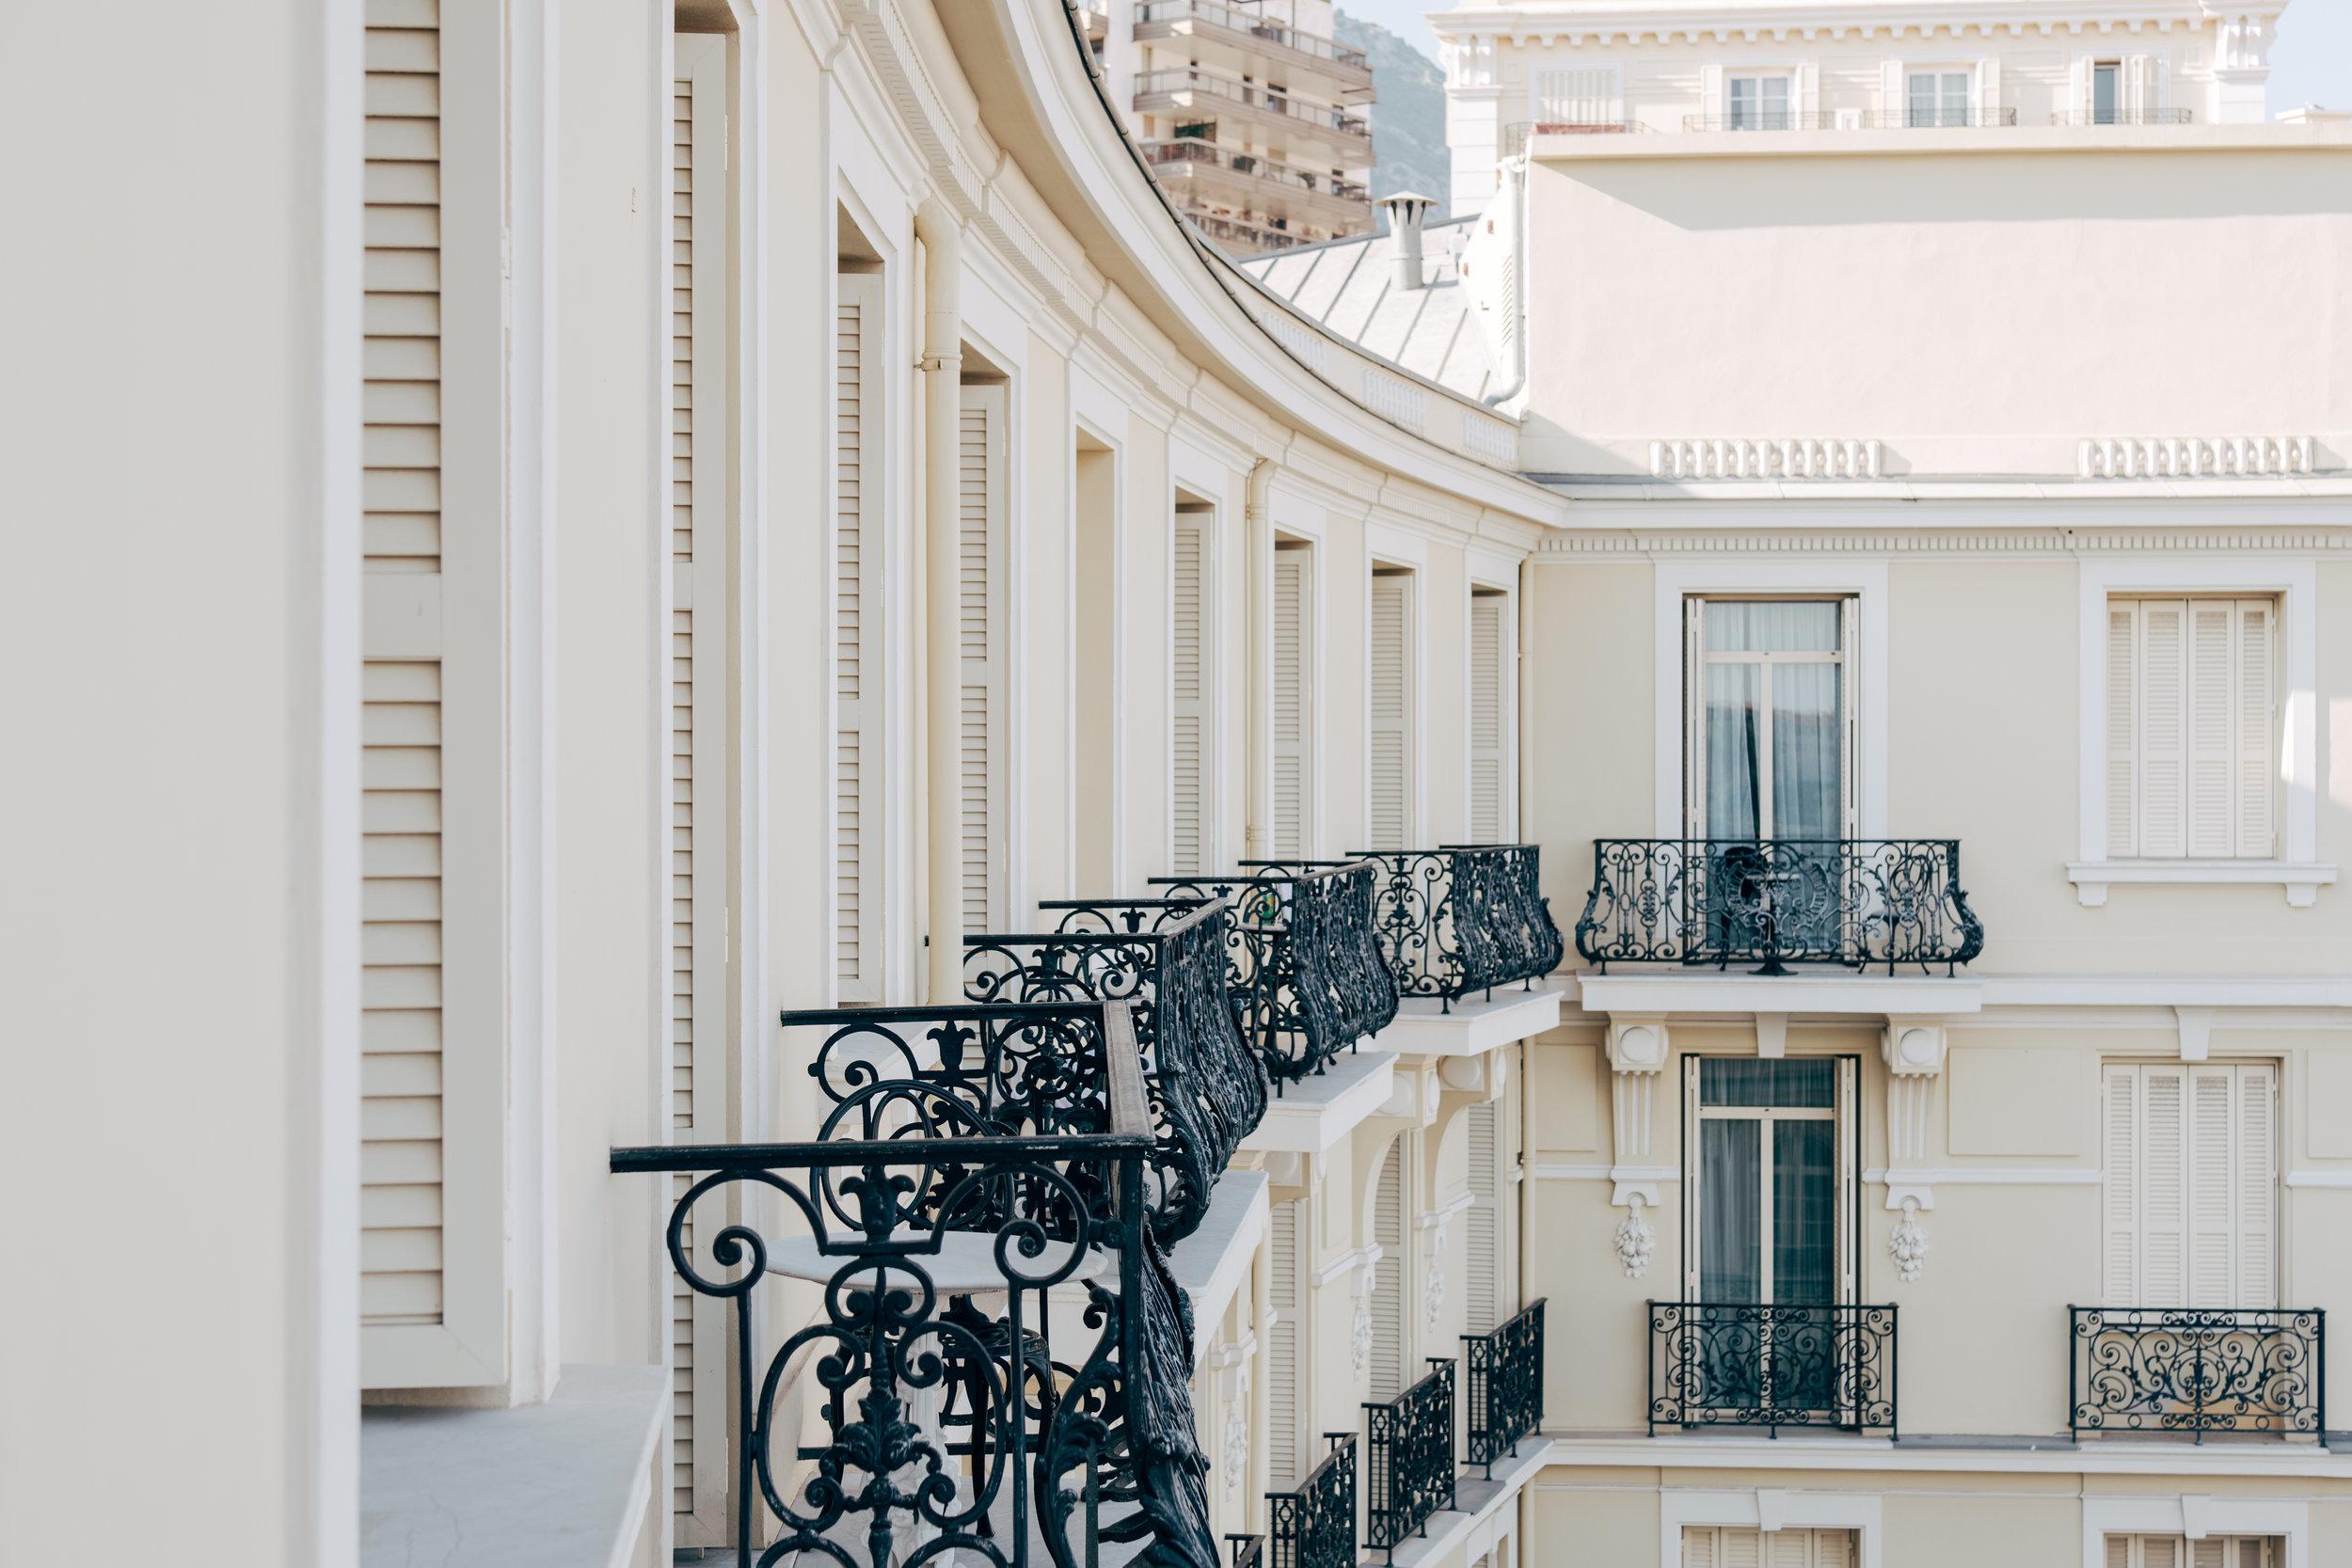 Monaco-1050122.jpg